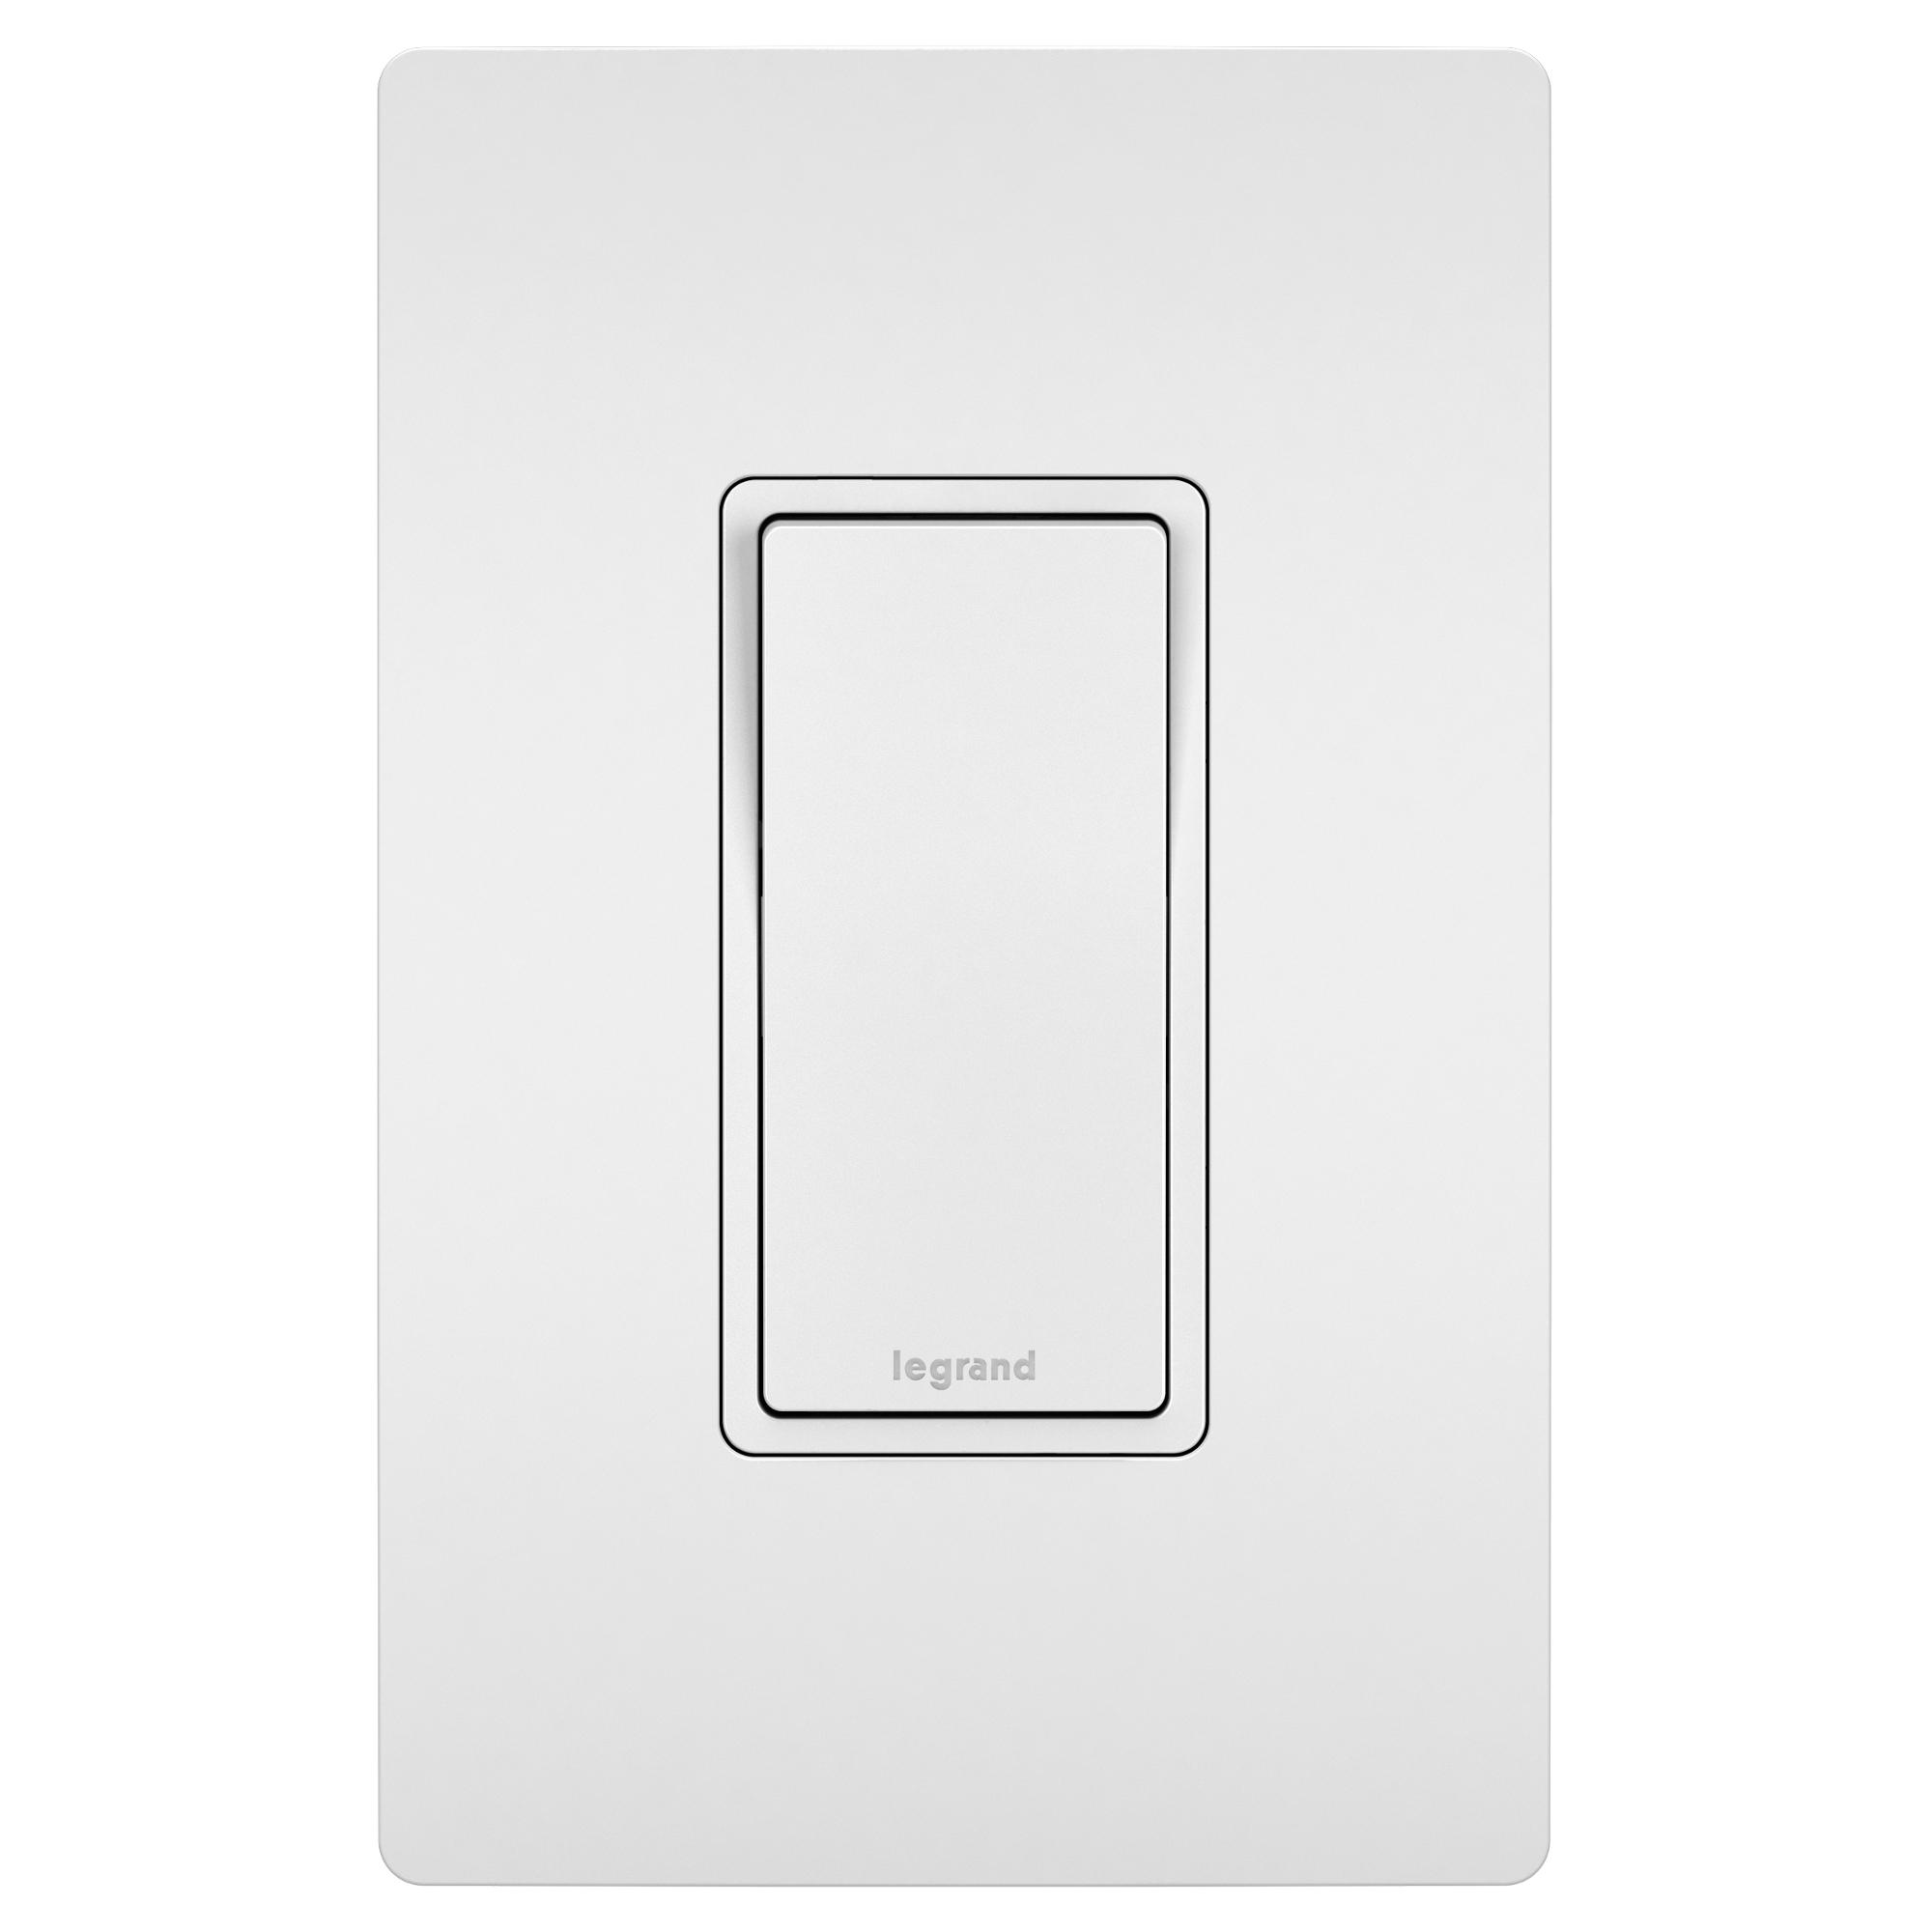 Radiant 15A Single Pole Switch by Legrand | TM870W